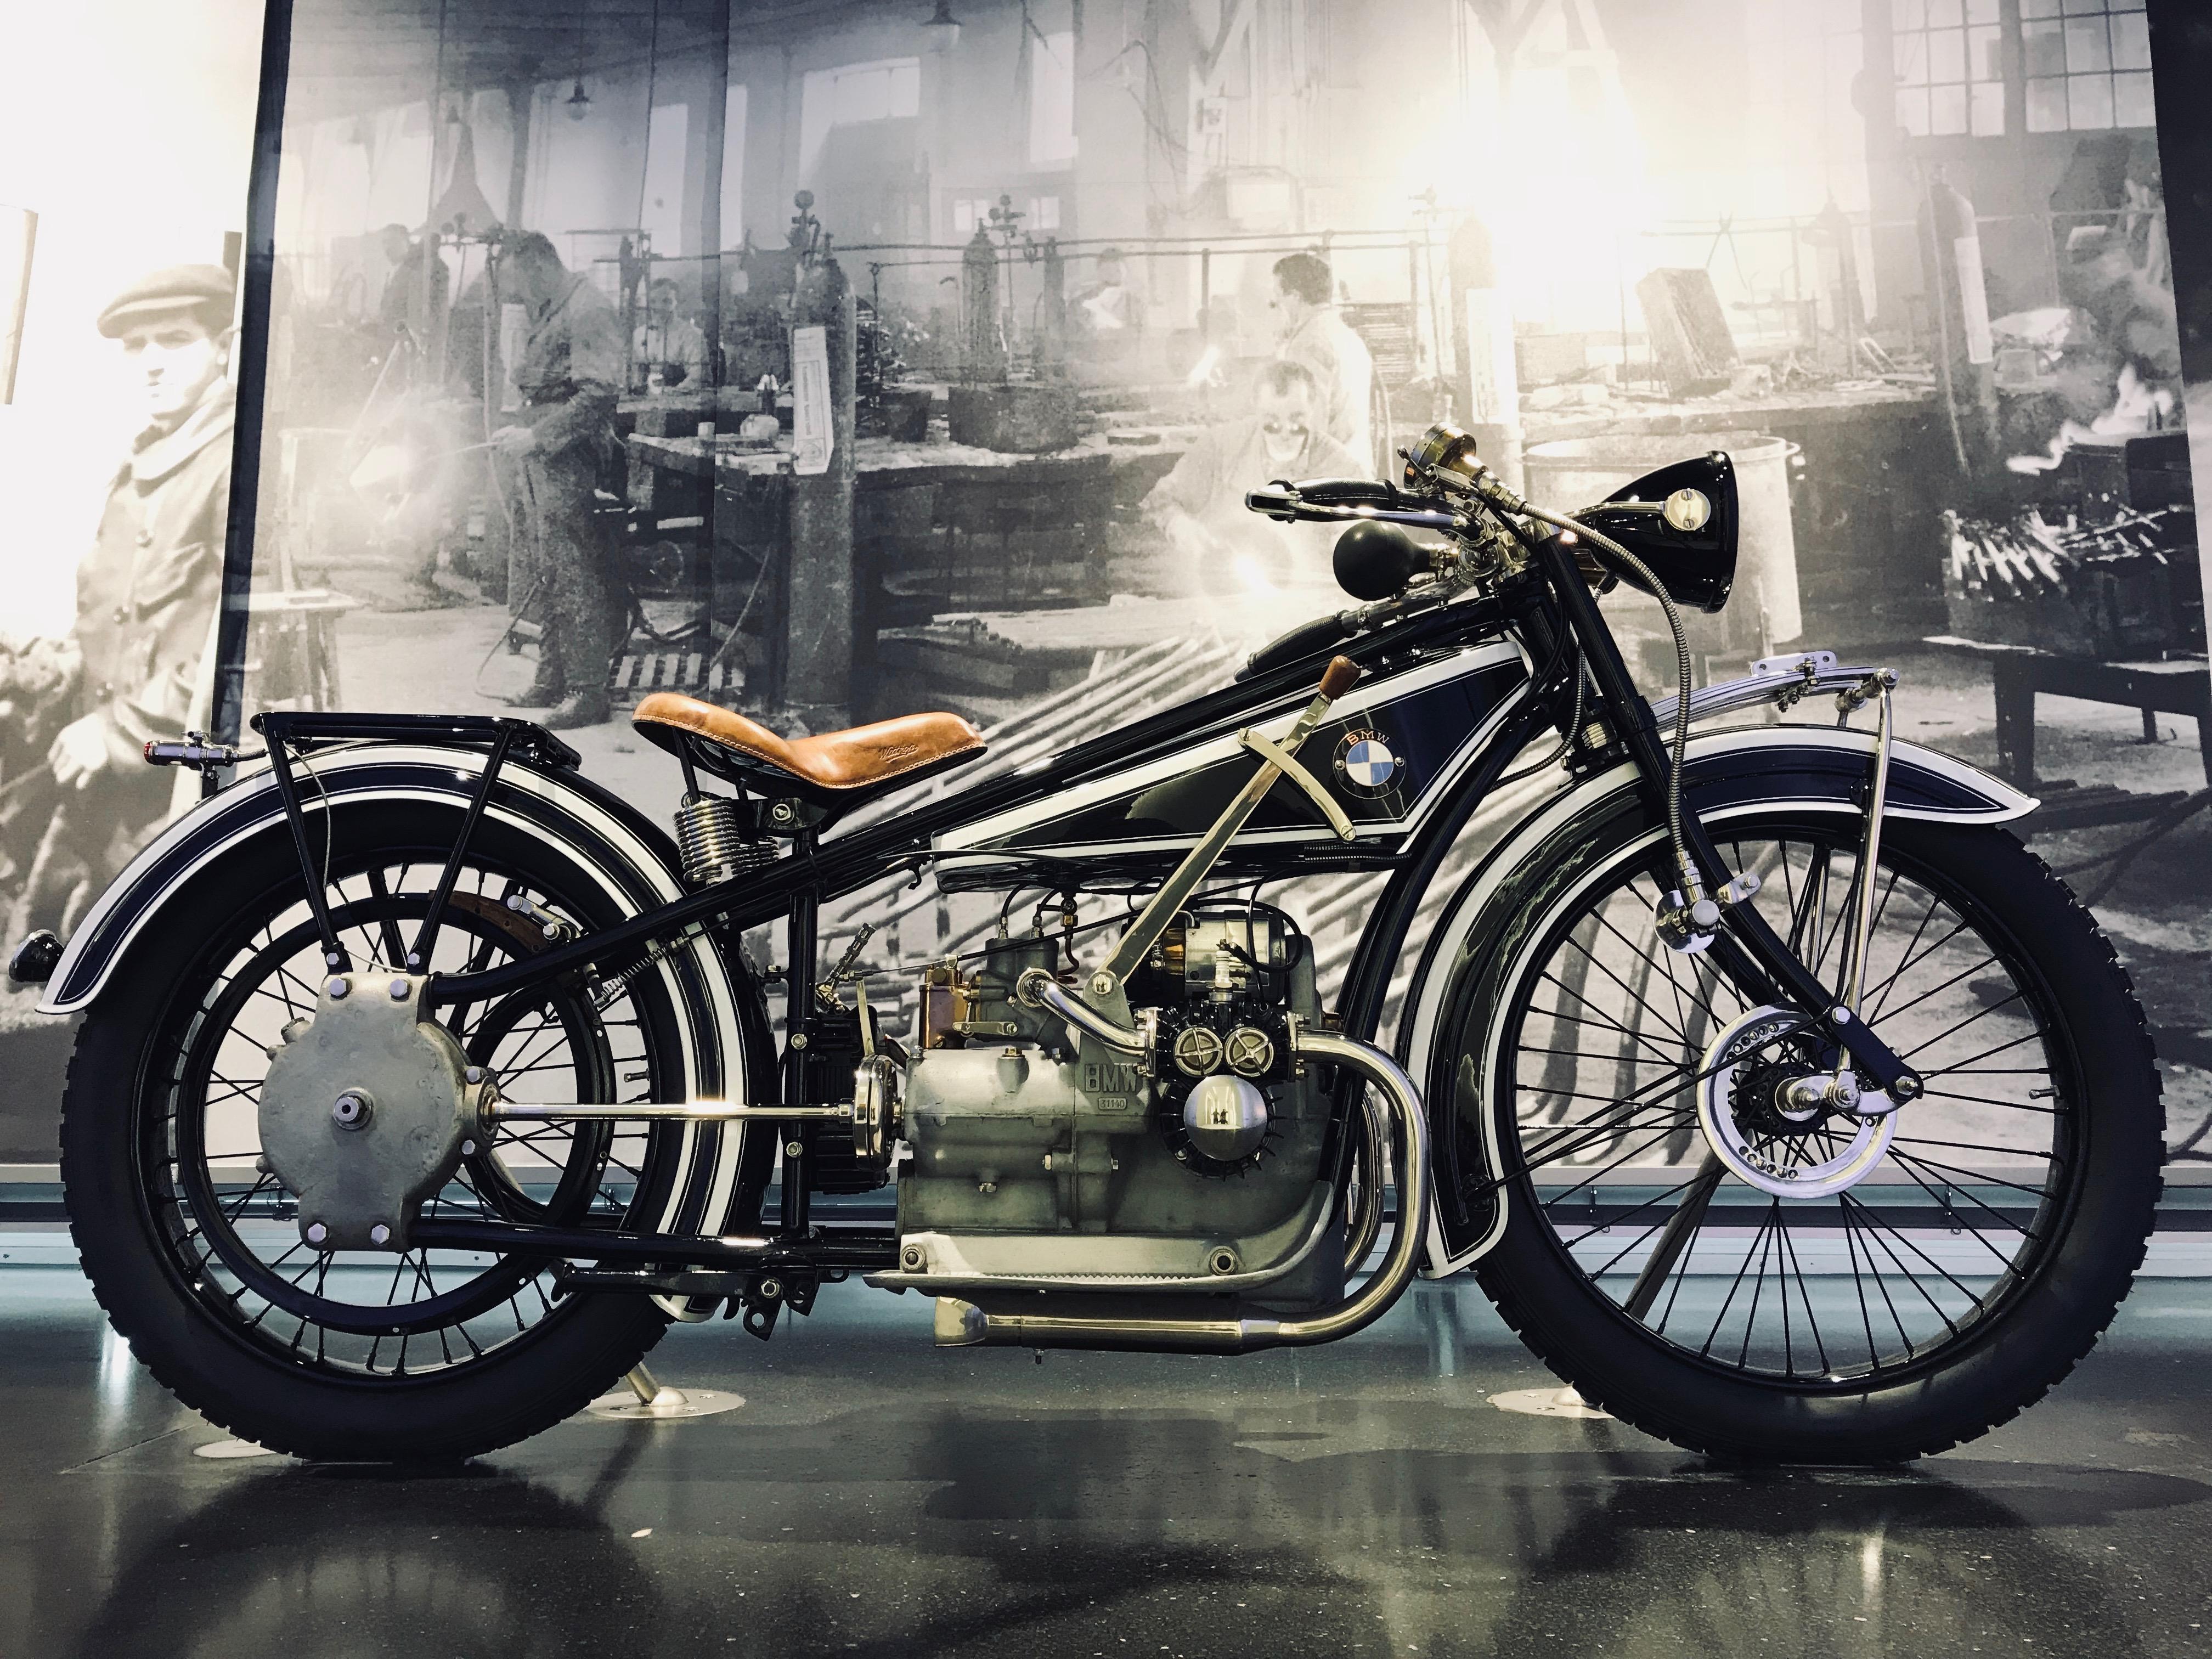 Foto Stok Gratis Tentang Antik Klasik Sepeda Motor